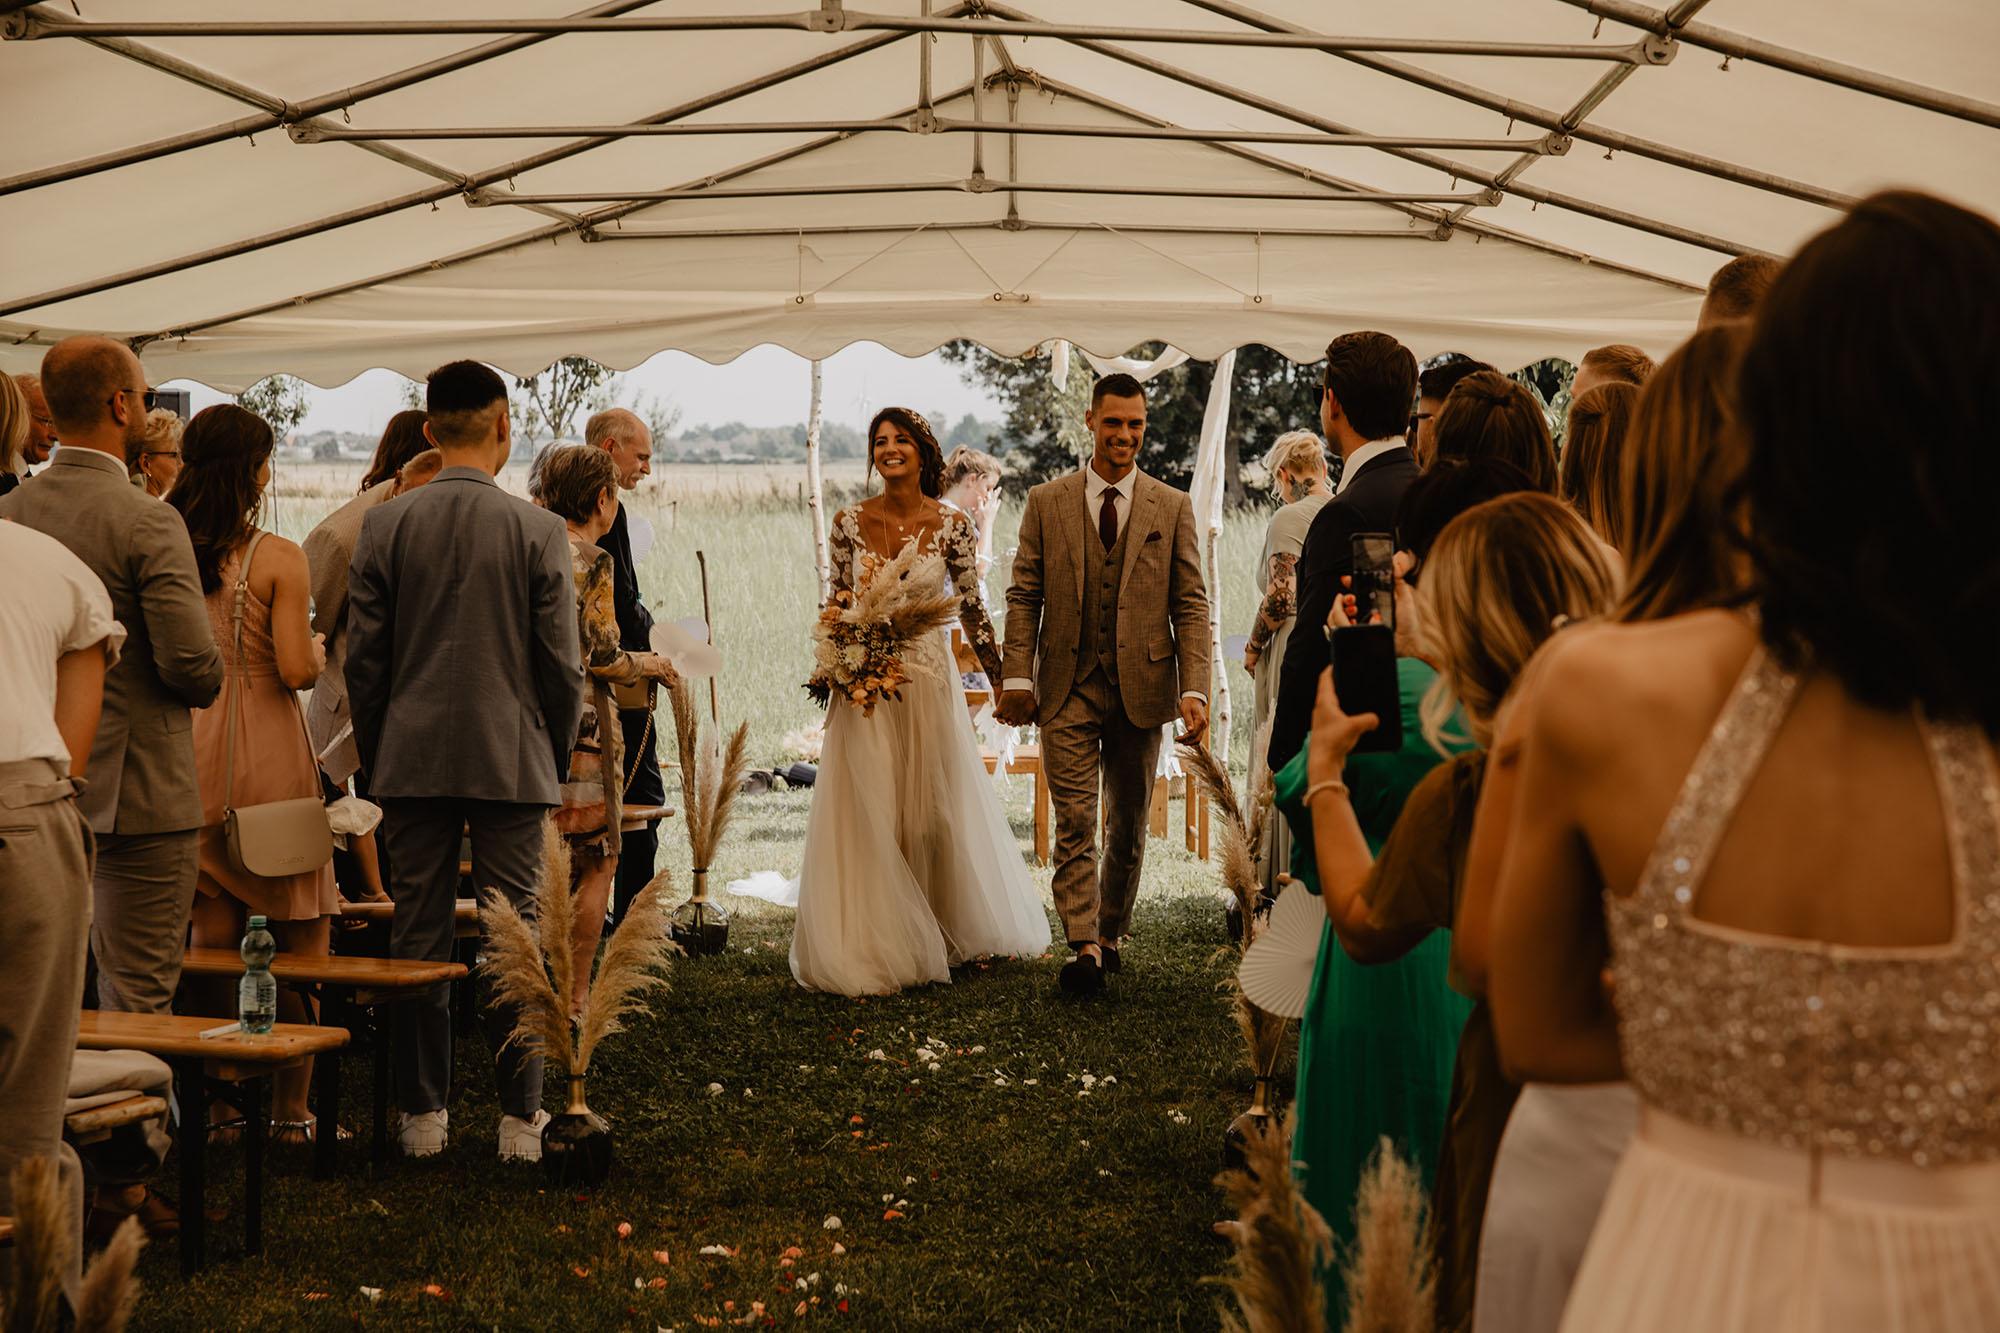 Gästeknigge – Do's & Don'ts als Hochzeitsgast